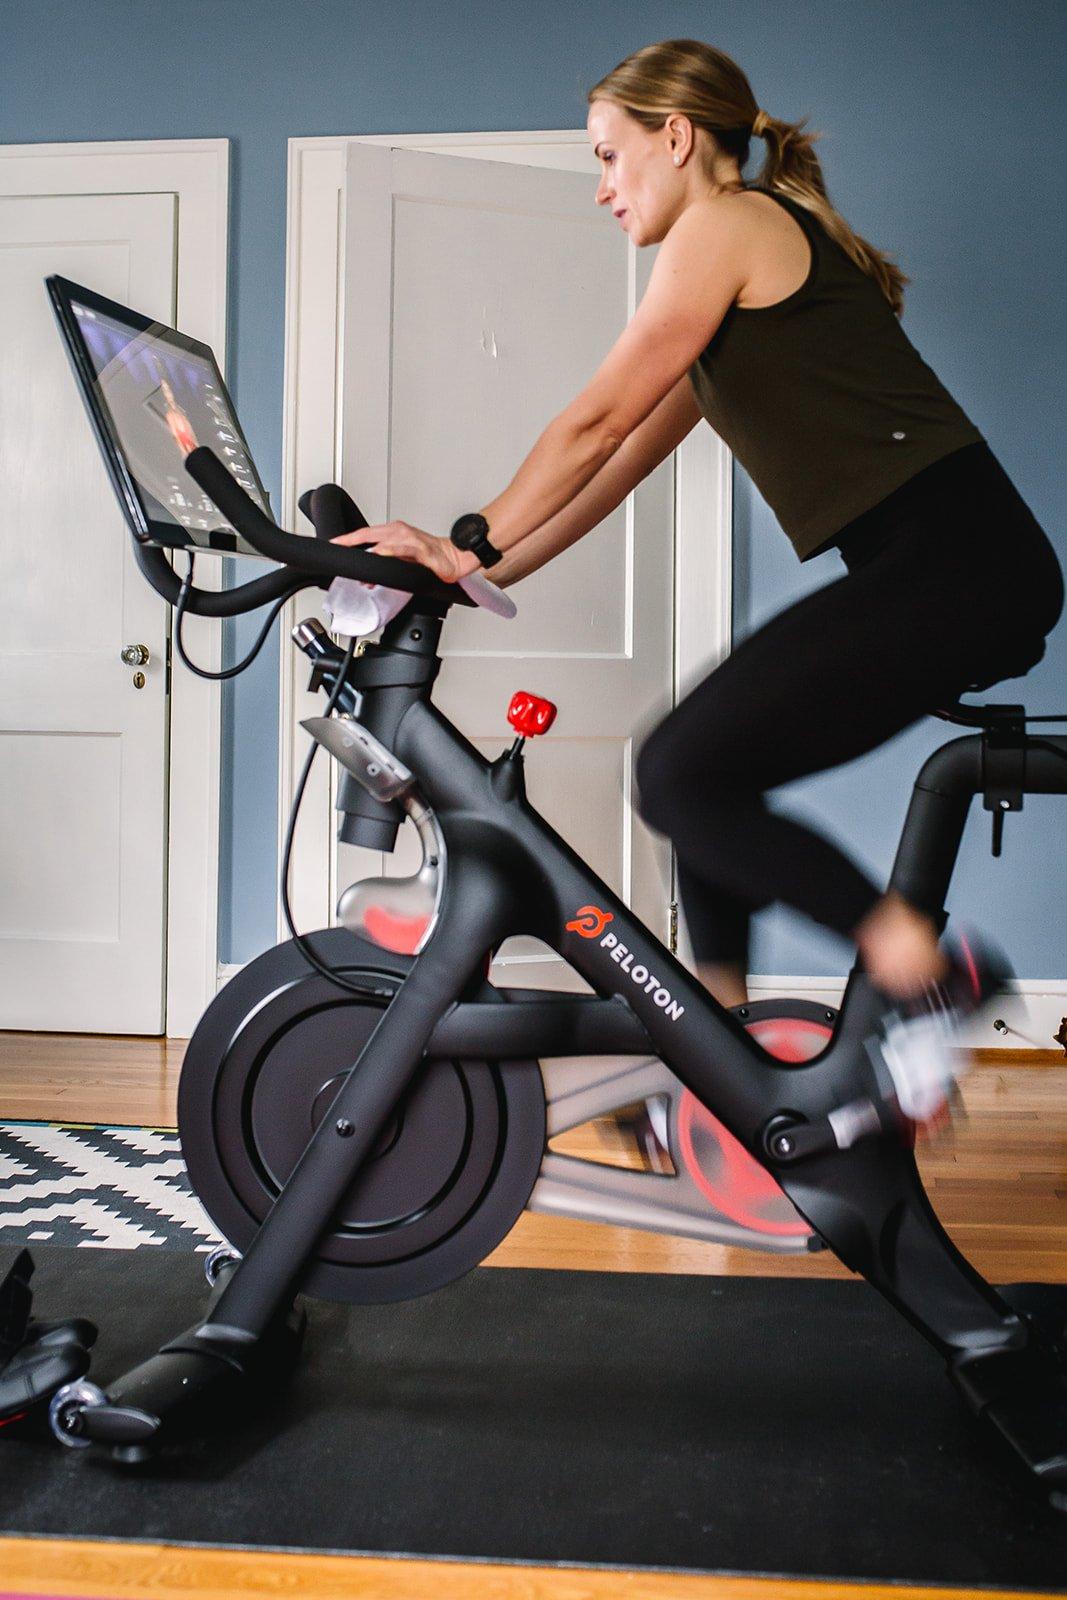 girl riding a peloton bike